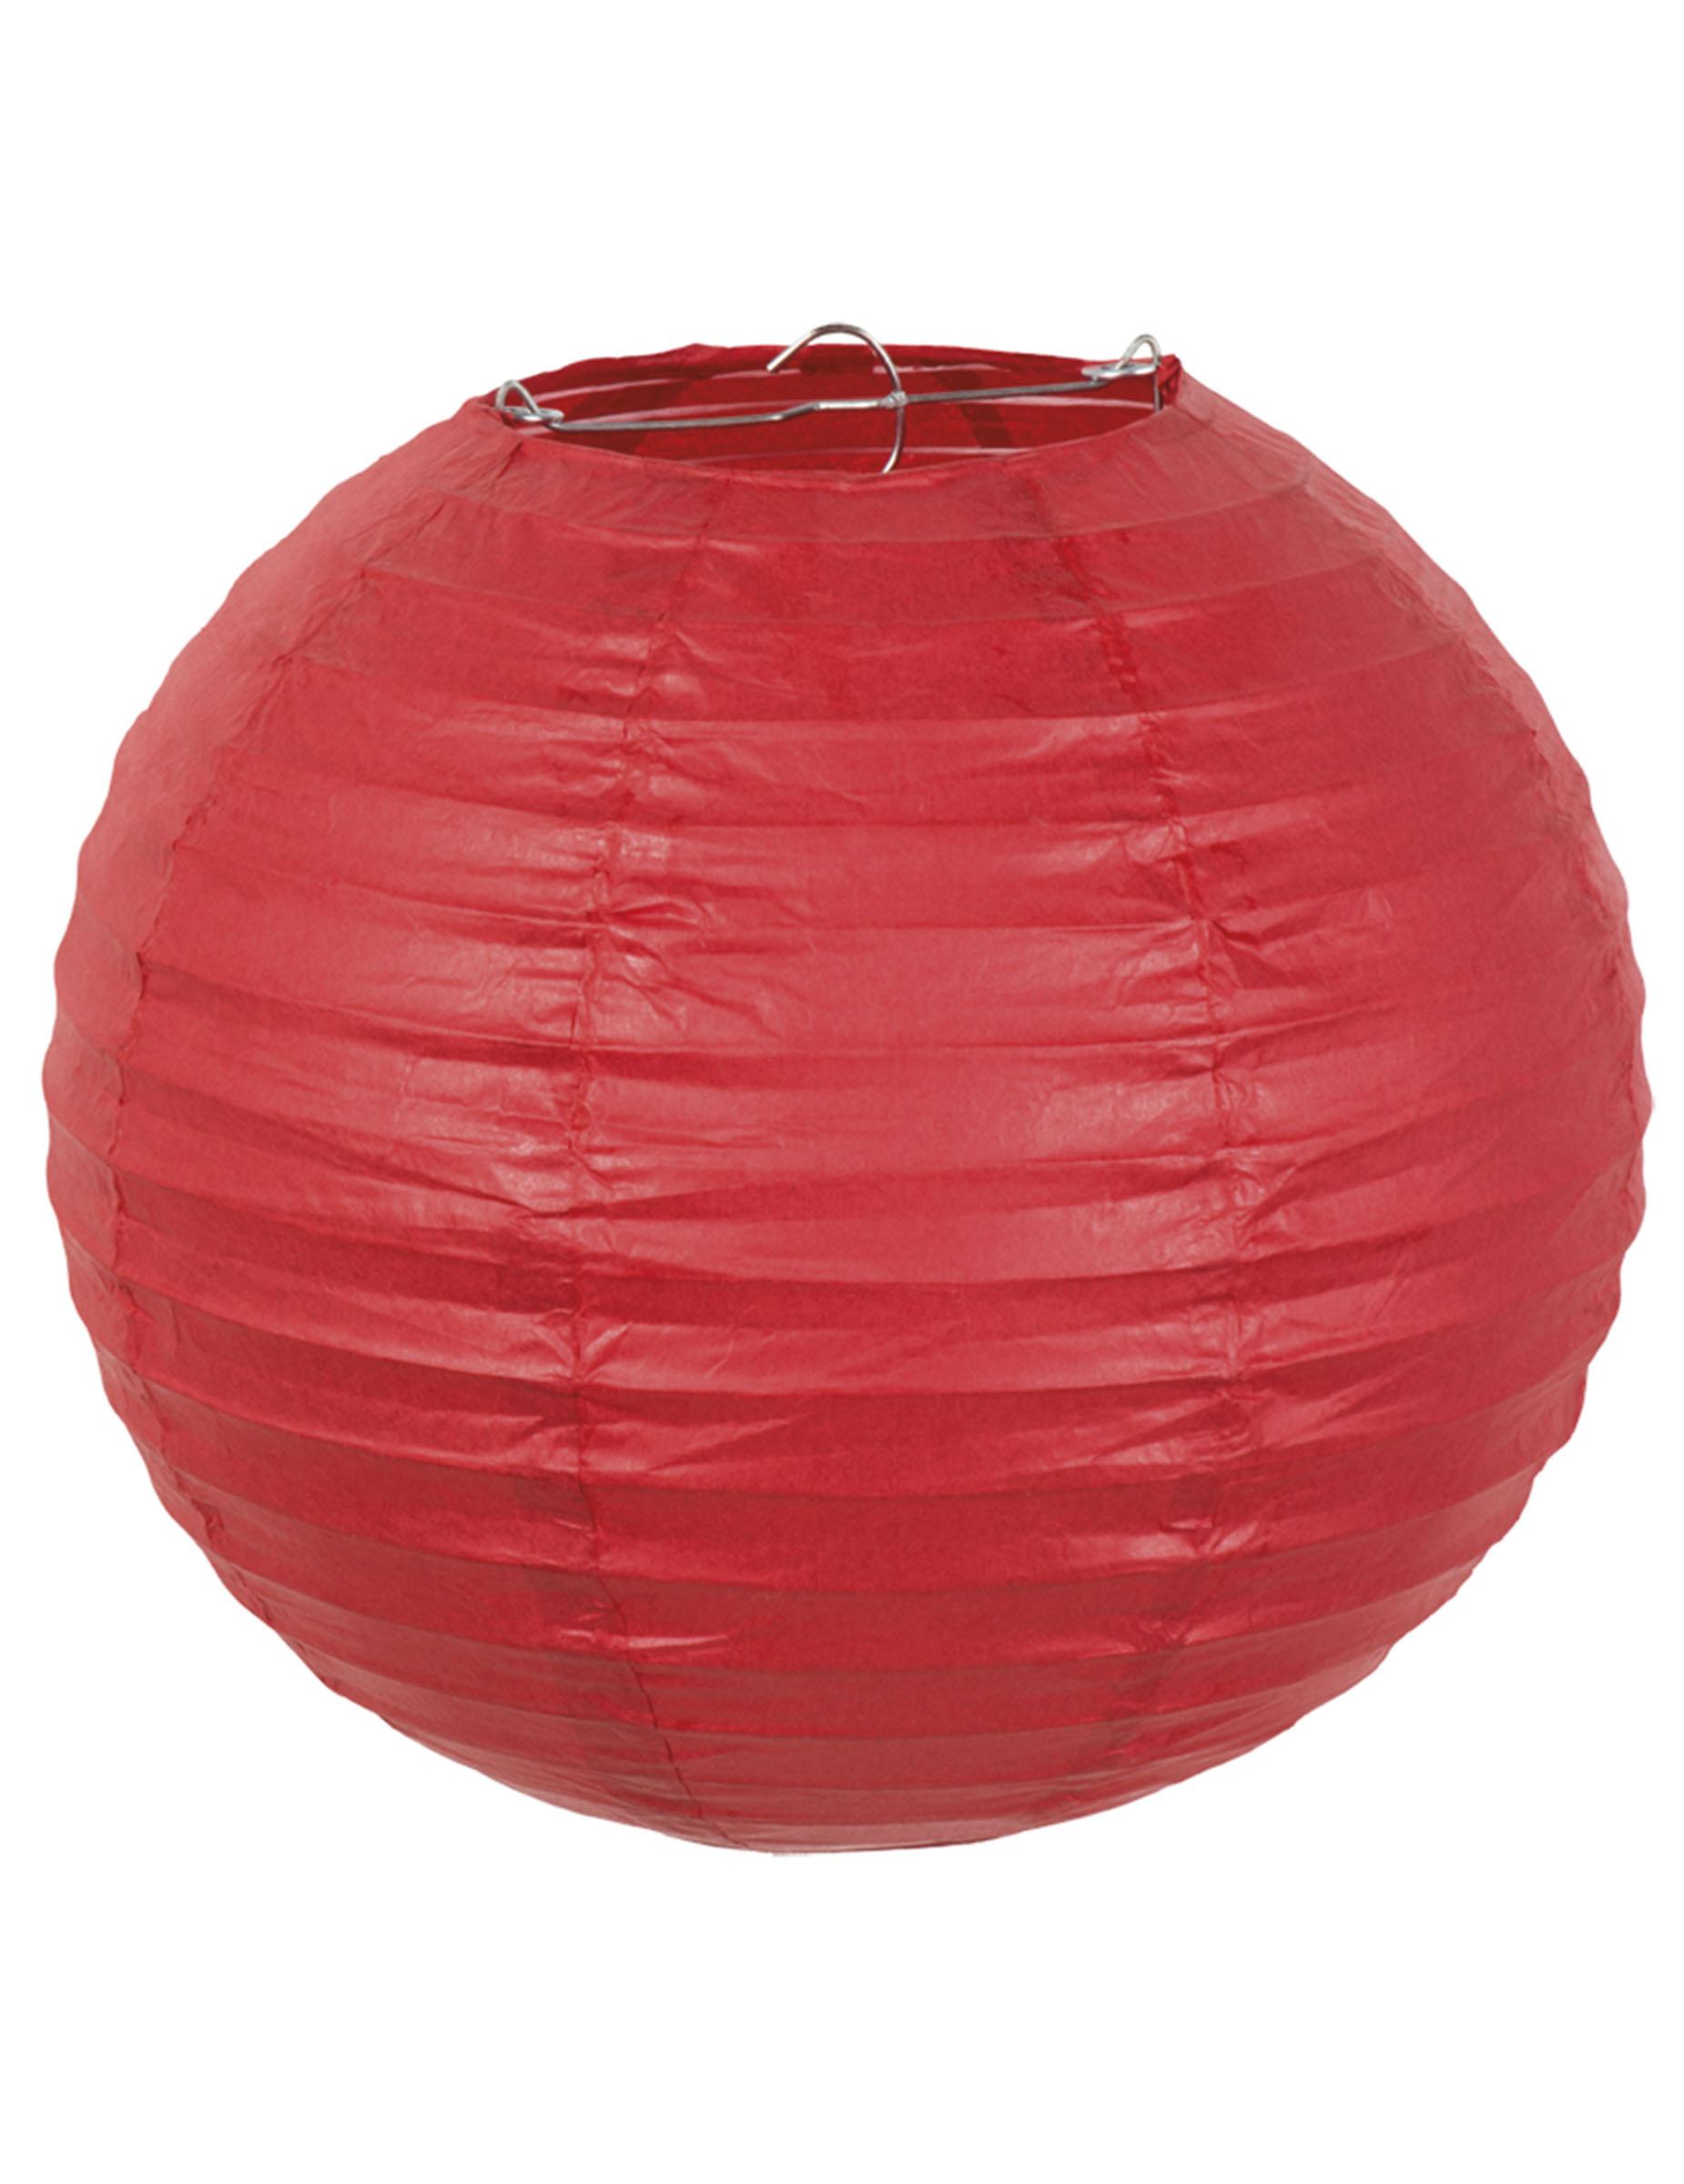 lanterne japonaise en papier rouge 25 cm d coration. Black Bedroom Furniture Sets. Home Design Ideas